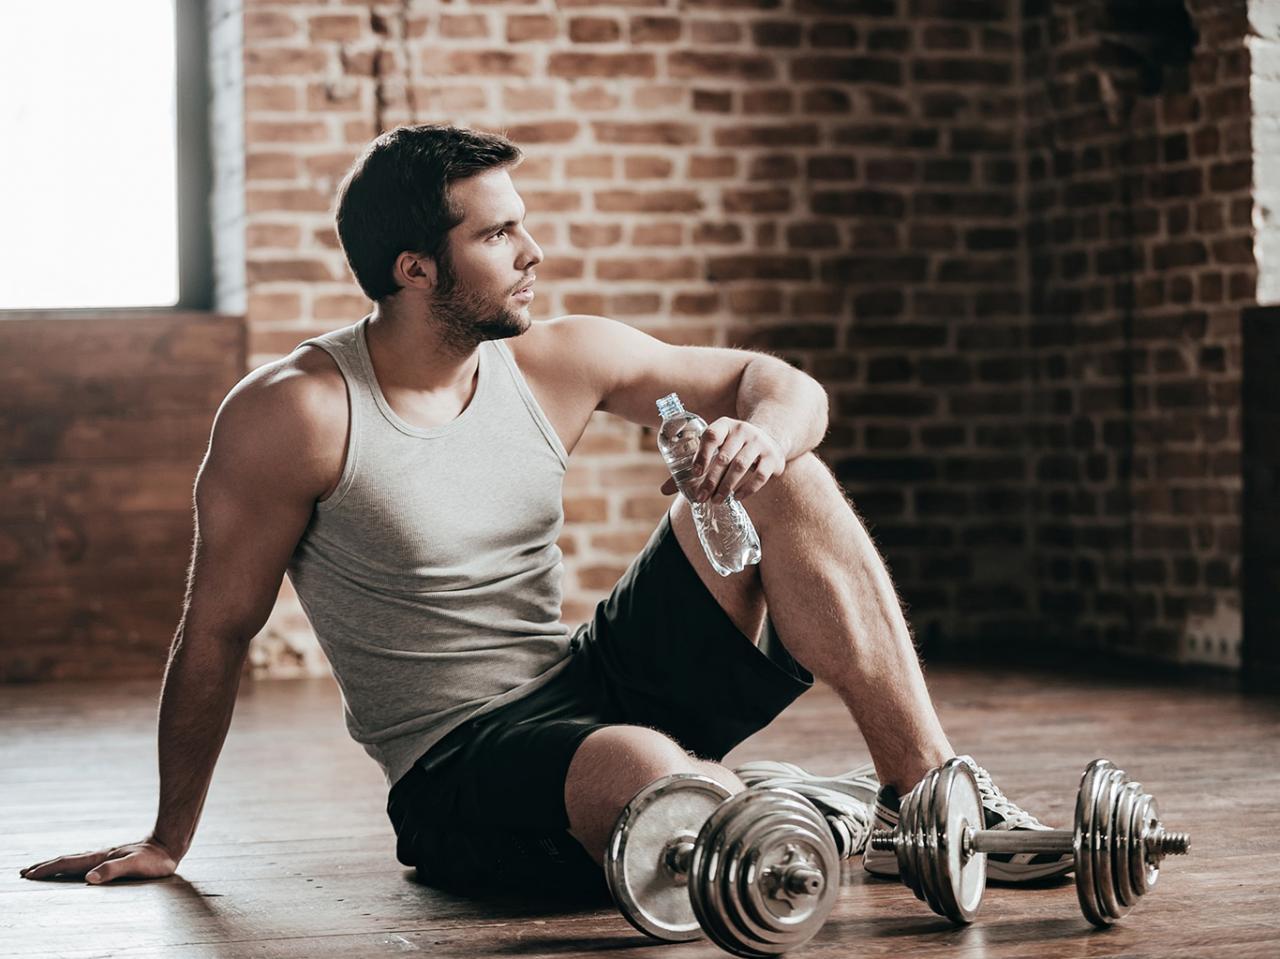 Мышечная боль после тренировки: почему она возникает и как ее устранить - Тренировки - Фитнес - MEN's LIFE